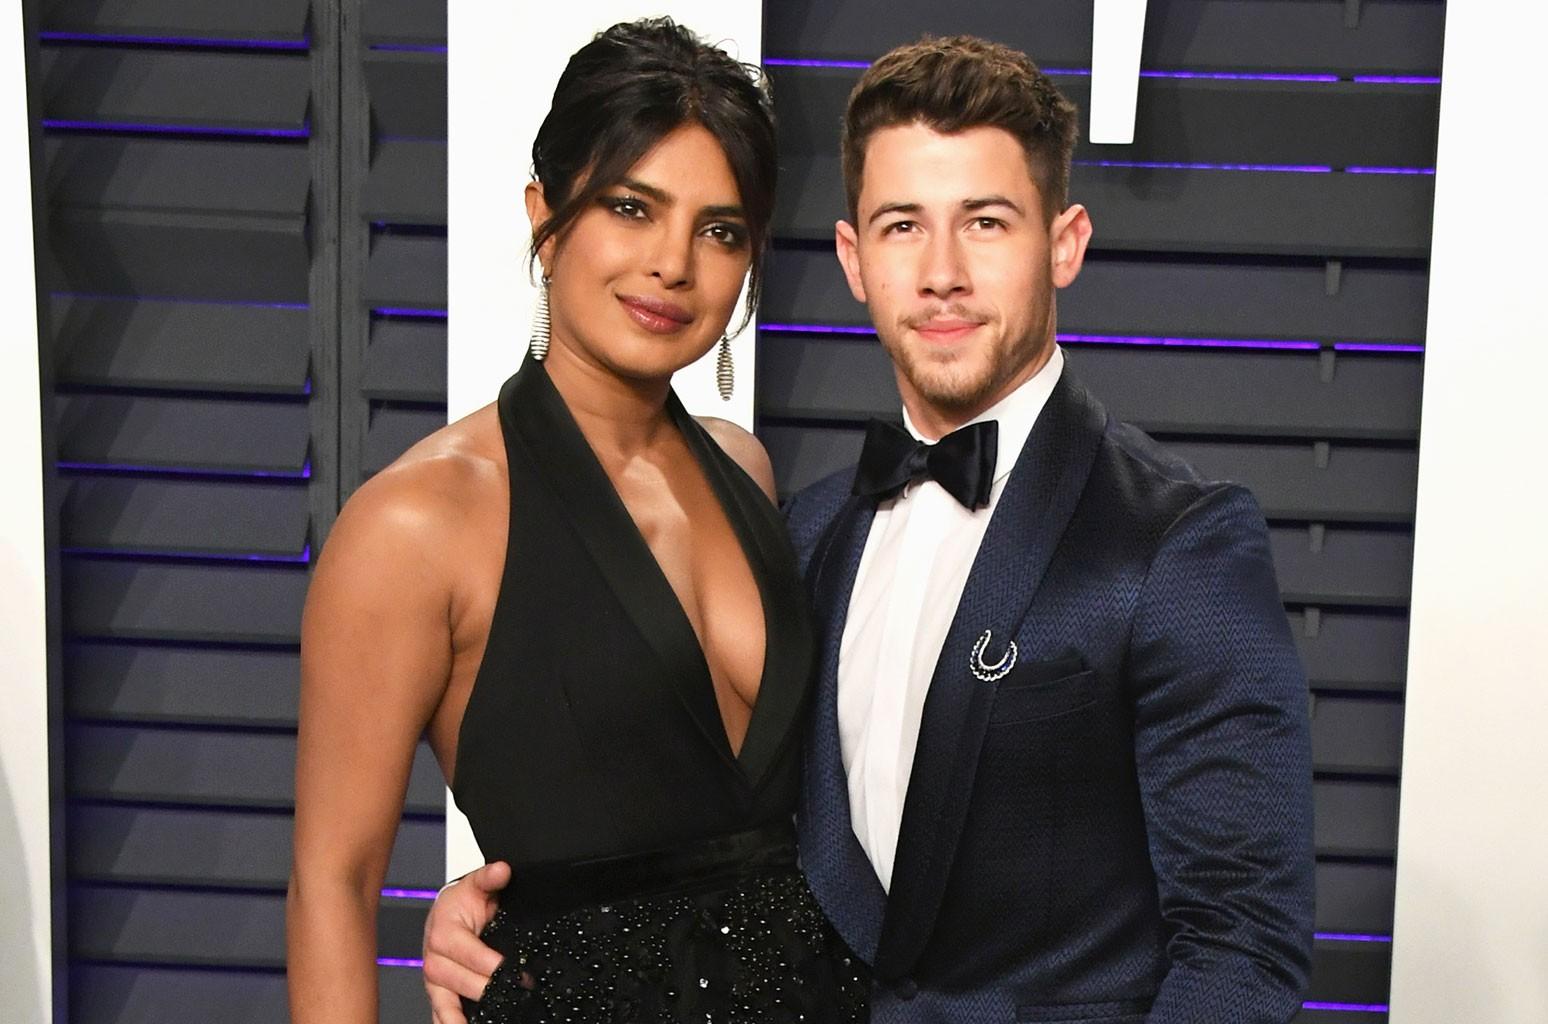 Nick Jonas & Priyanka Chopra Jonas to Announce 2021 Oscar Nominations